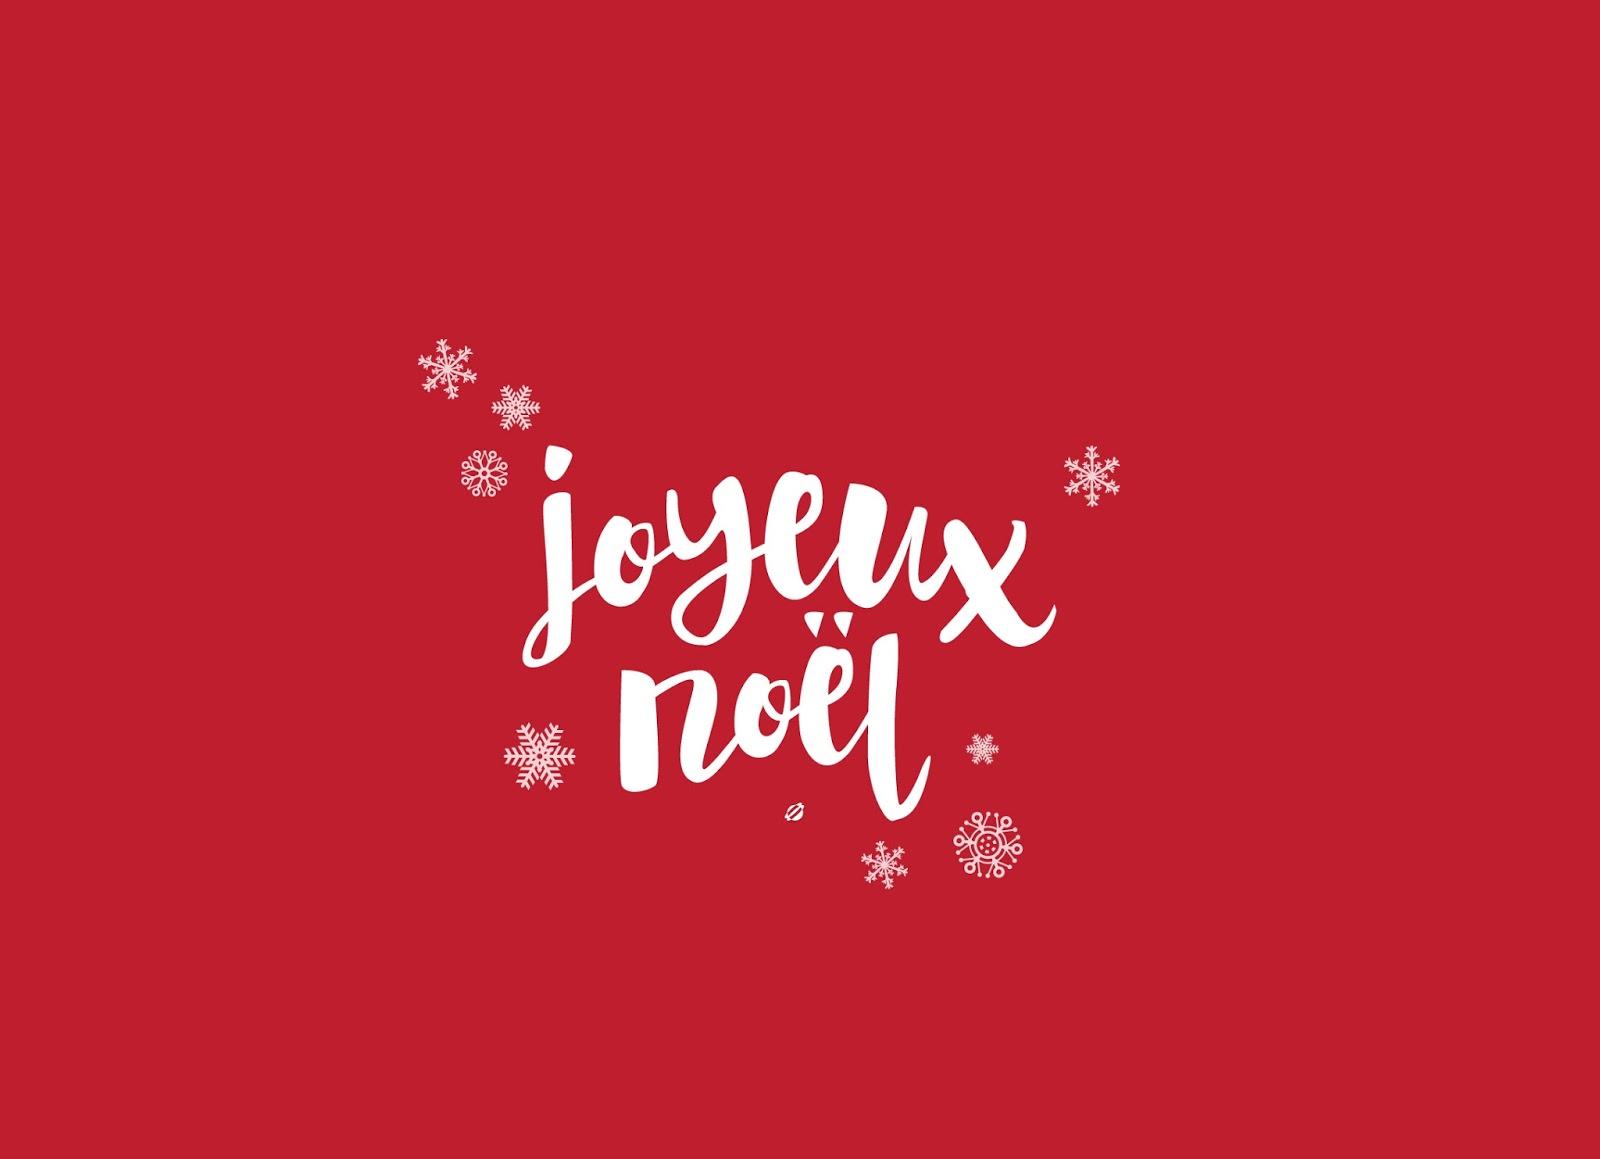 LBG2015-Joyeux Noel 1-01